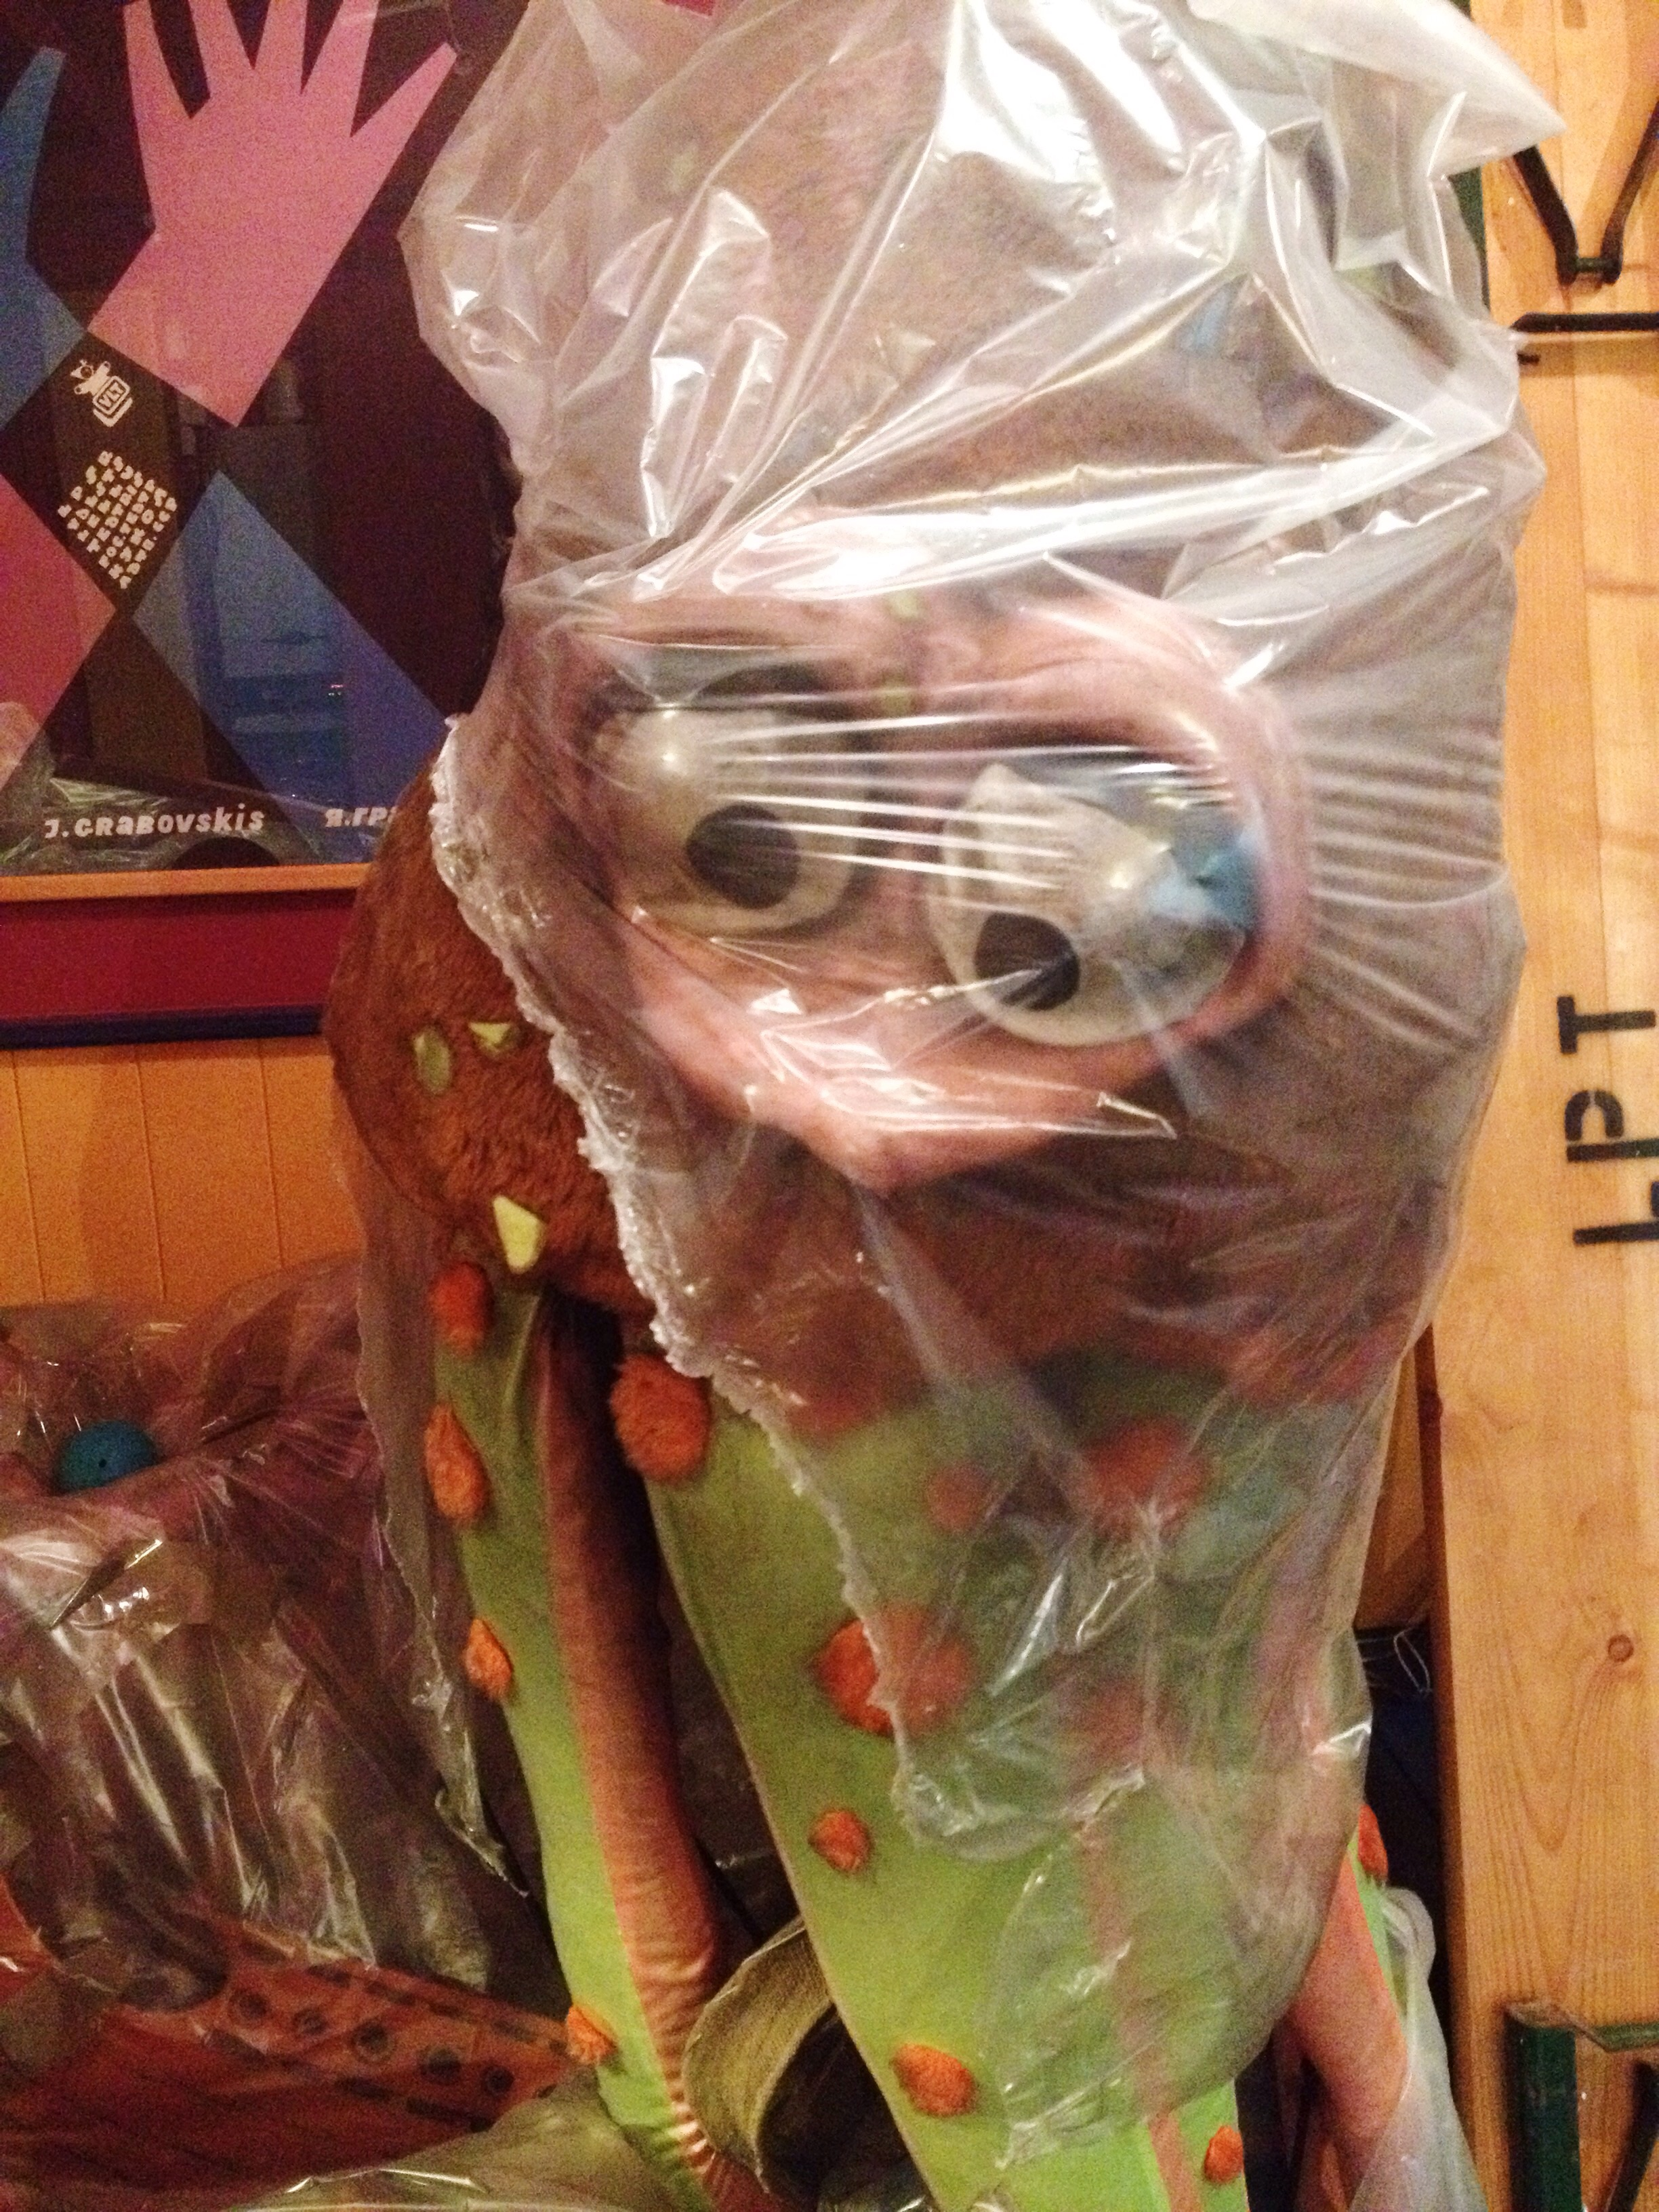 An Octopus in a bag